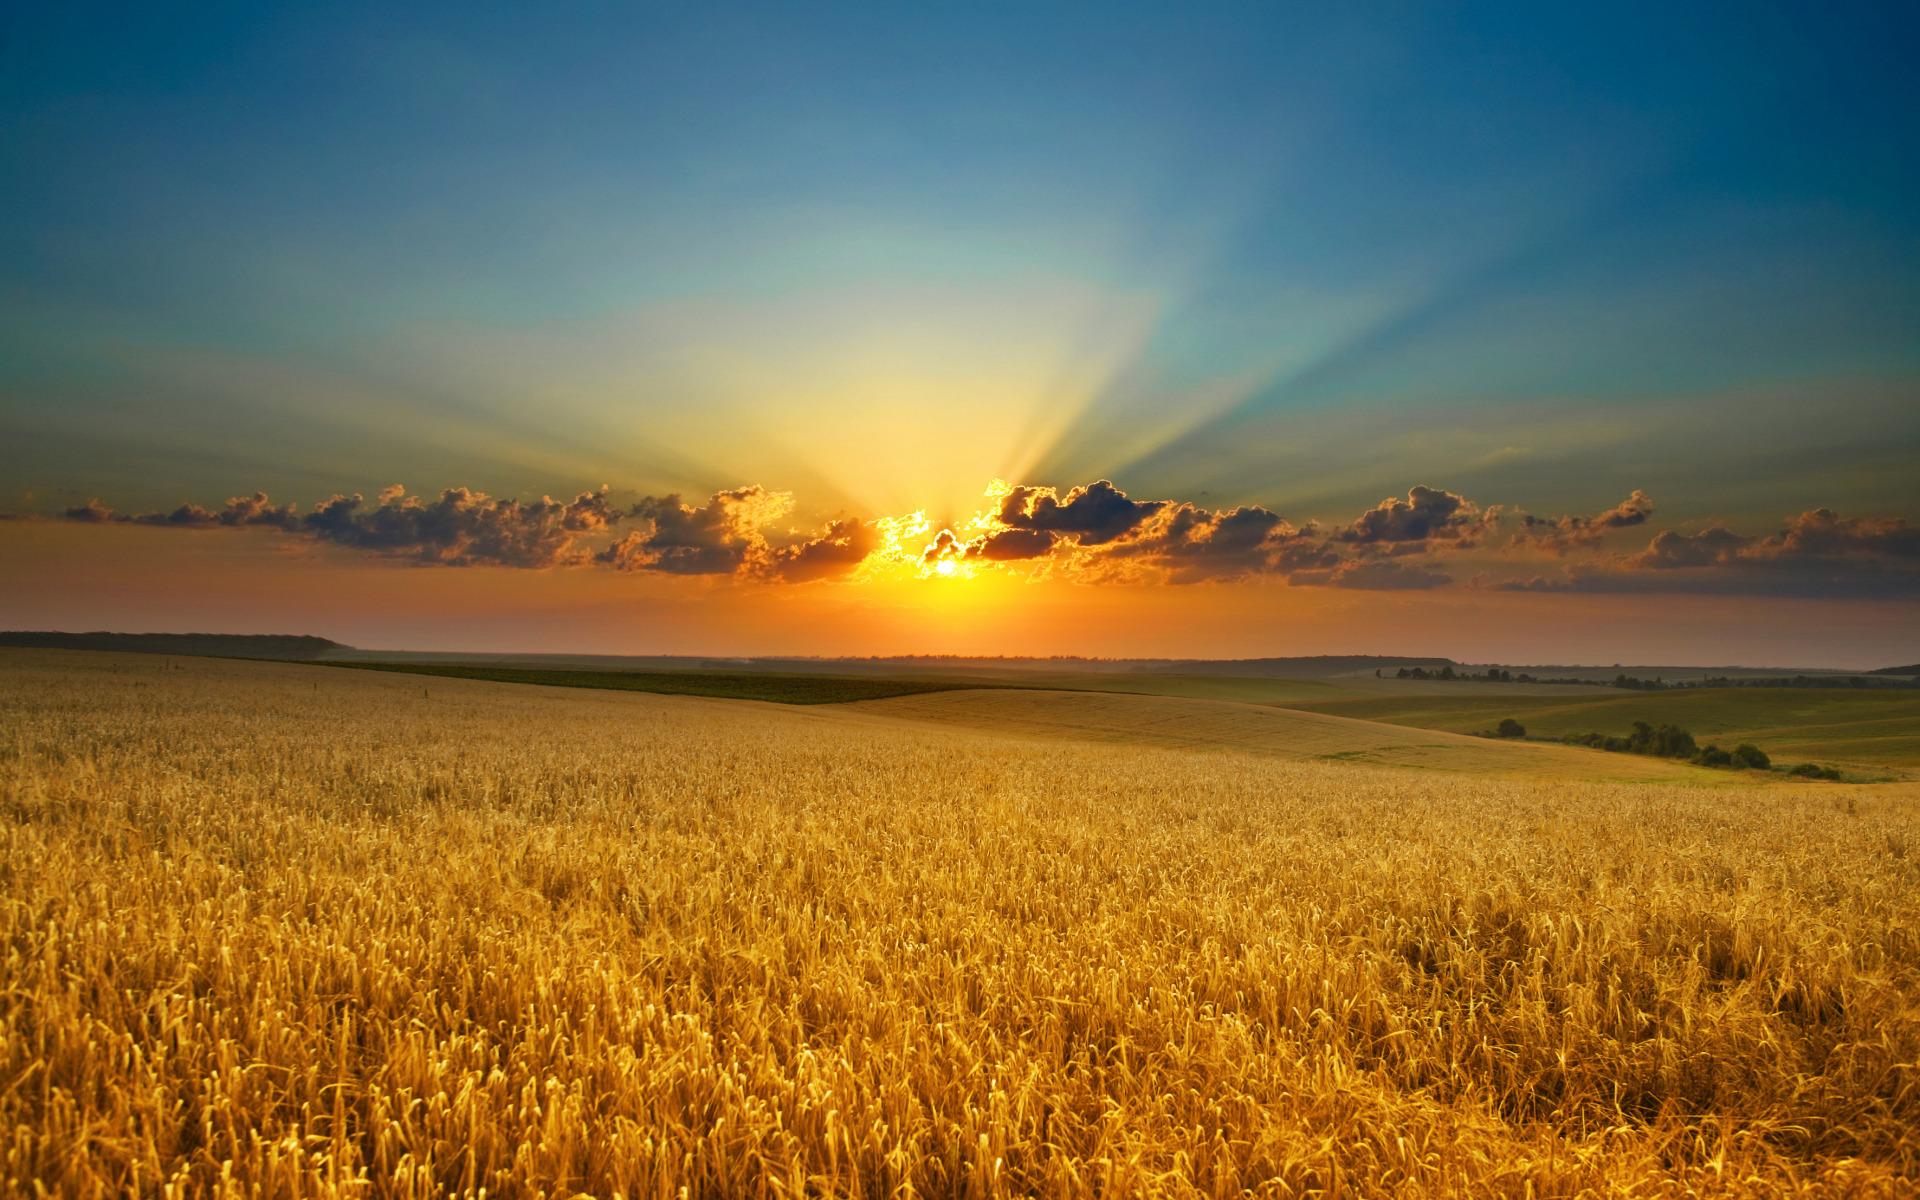 комплекс восход солнца в поле фото хороши